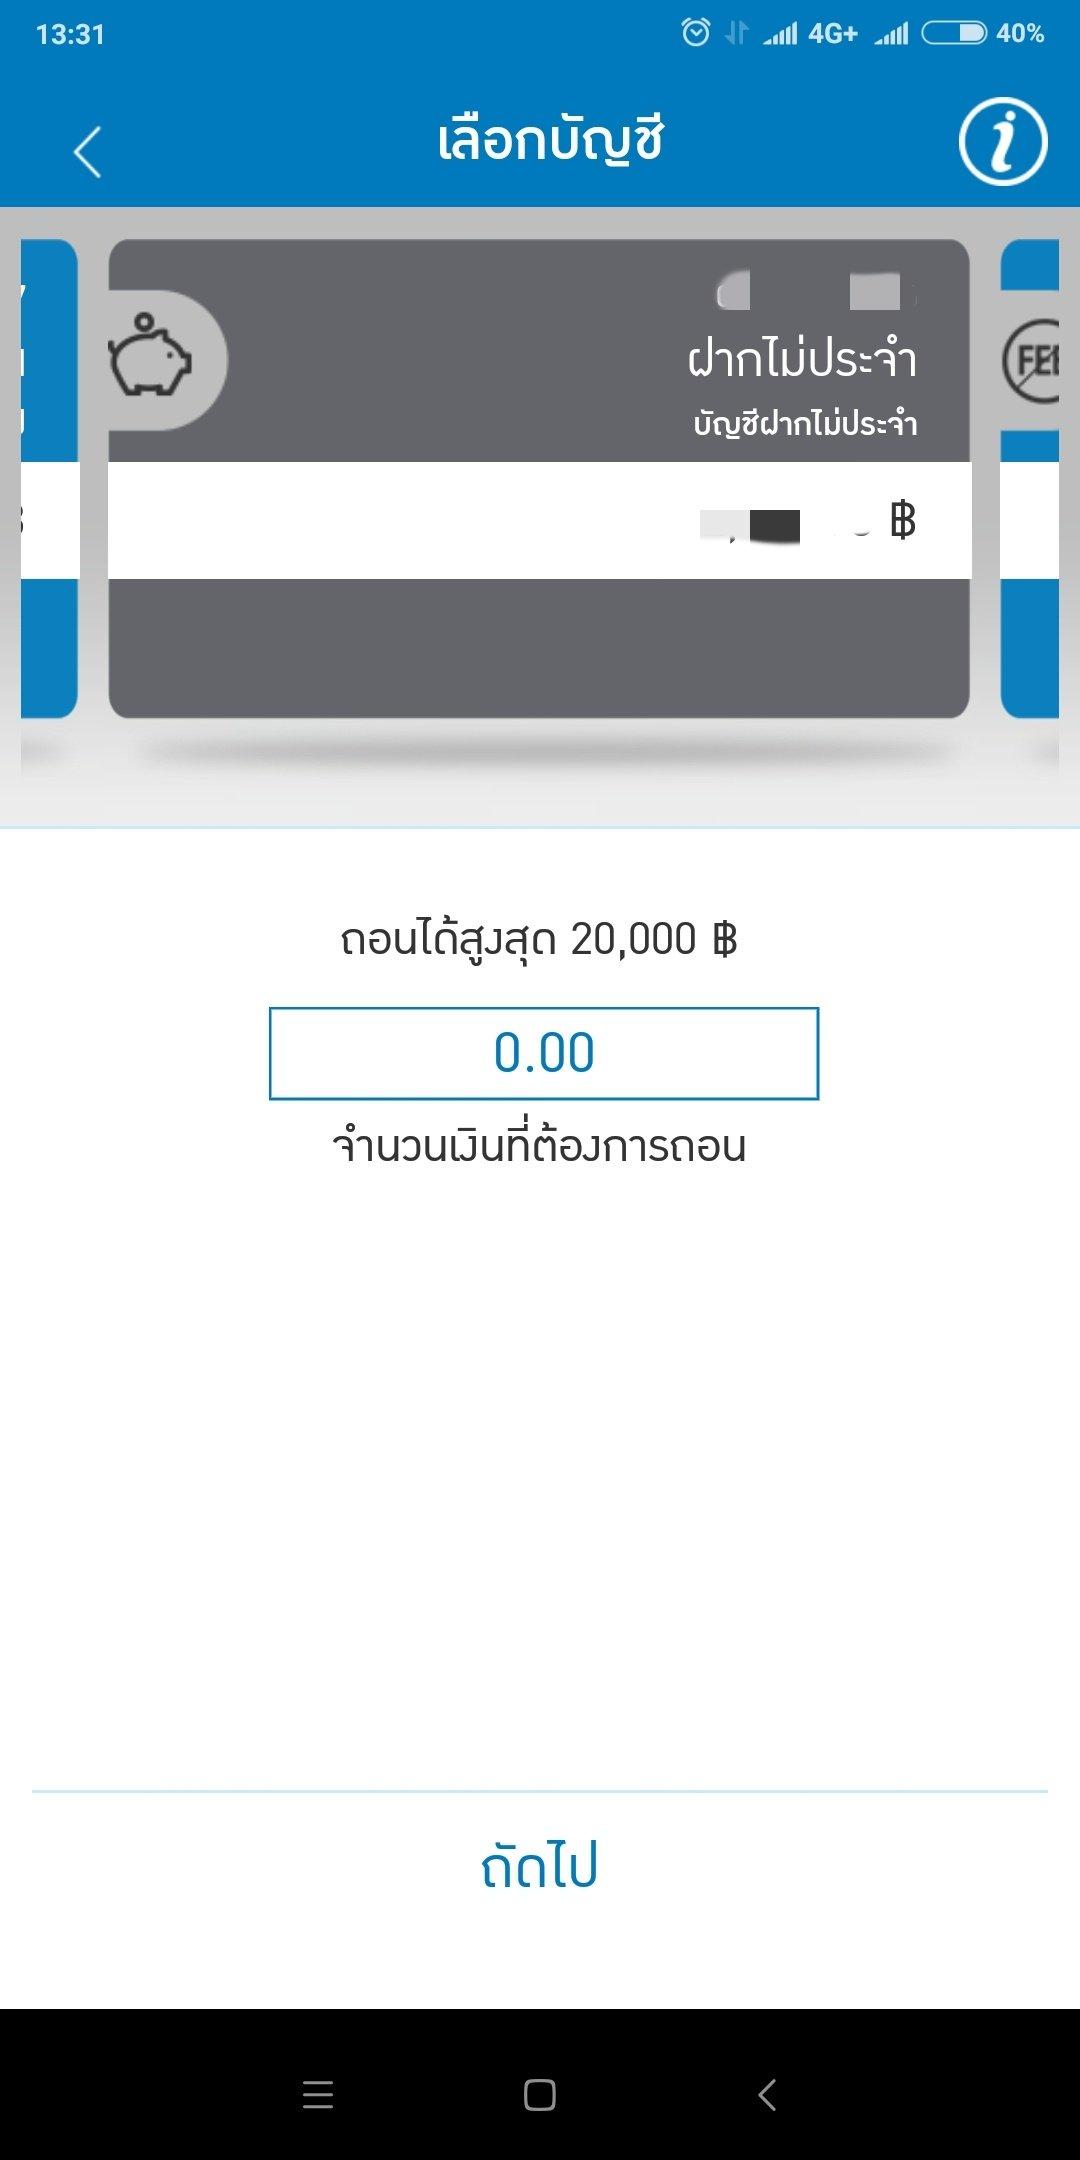 นี่เลือกบัญชี TMB No Fixed ได้ด้วยนะ